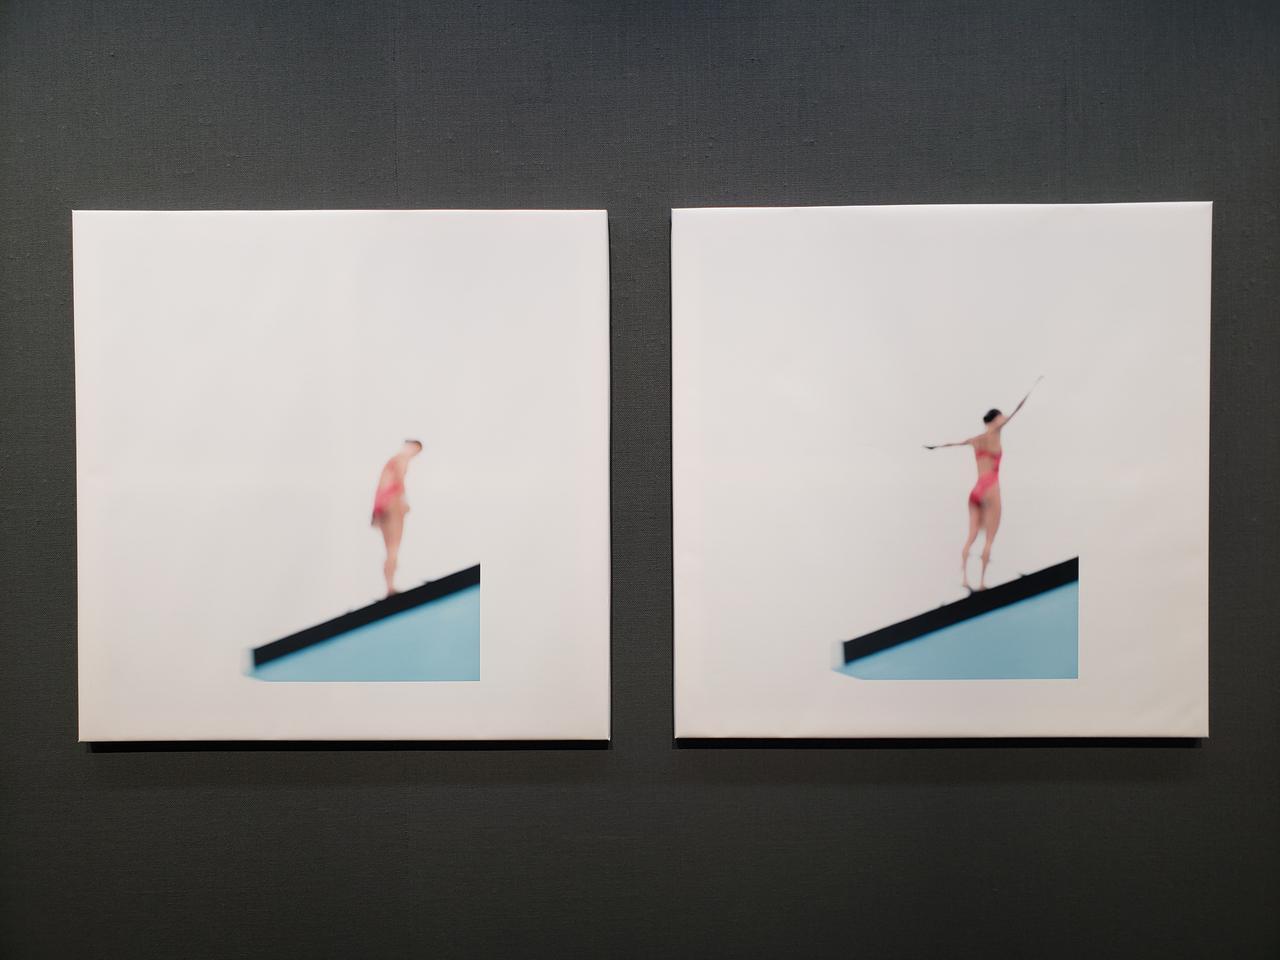 画像: 展示作品より。村井さんは、被写体に対して、自分という存在を気づかれることなく撮影していたい、いつも離れて見ていたいという思いがあるそうです。